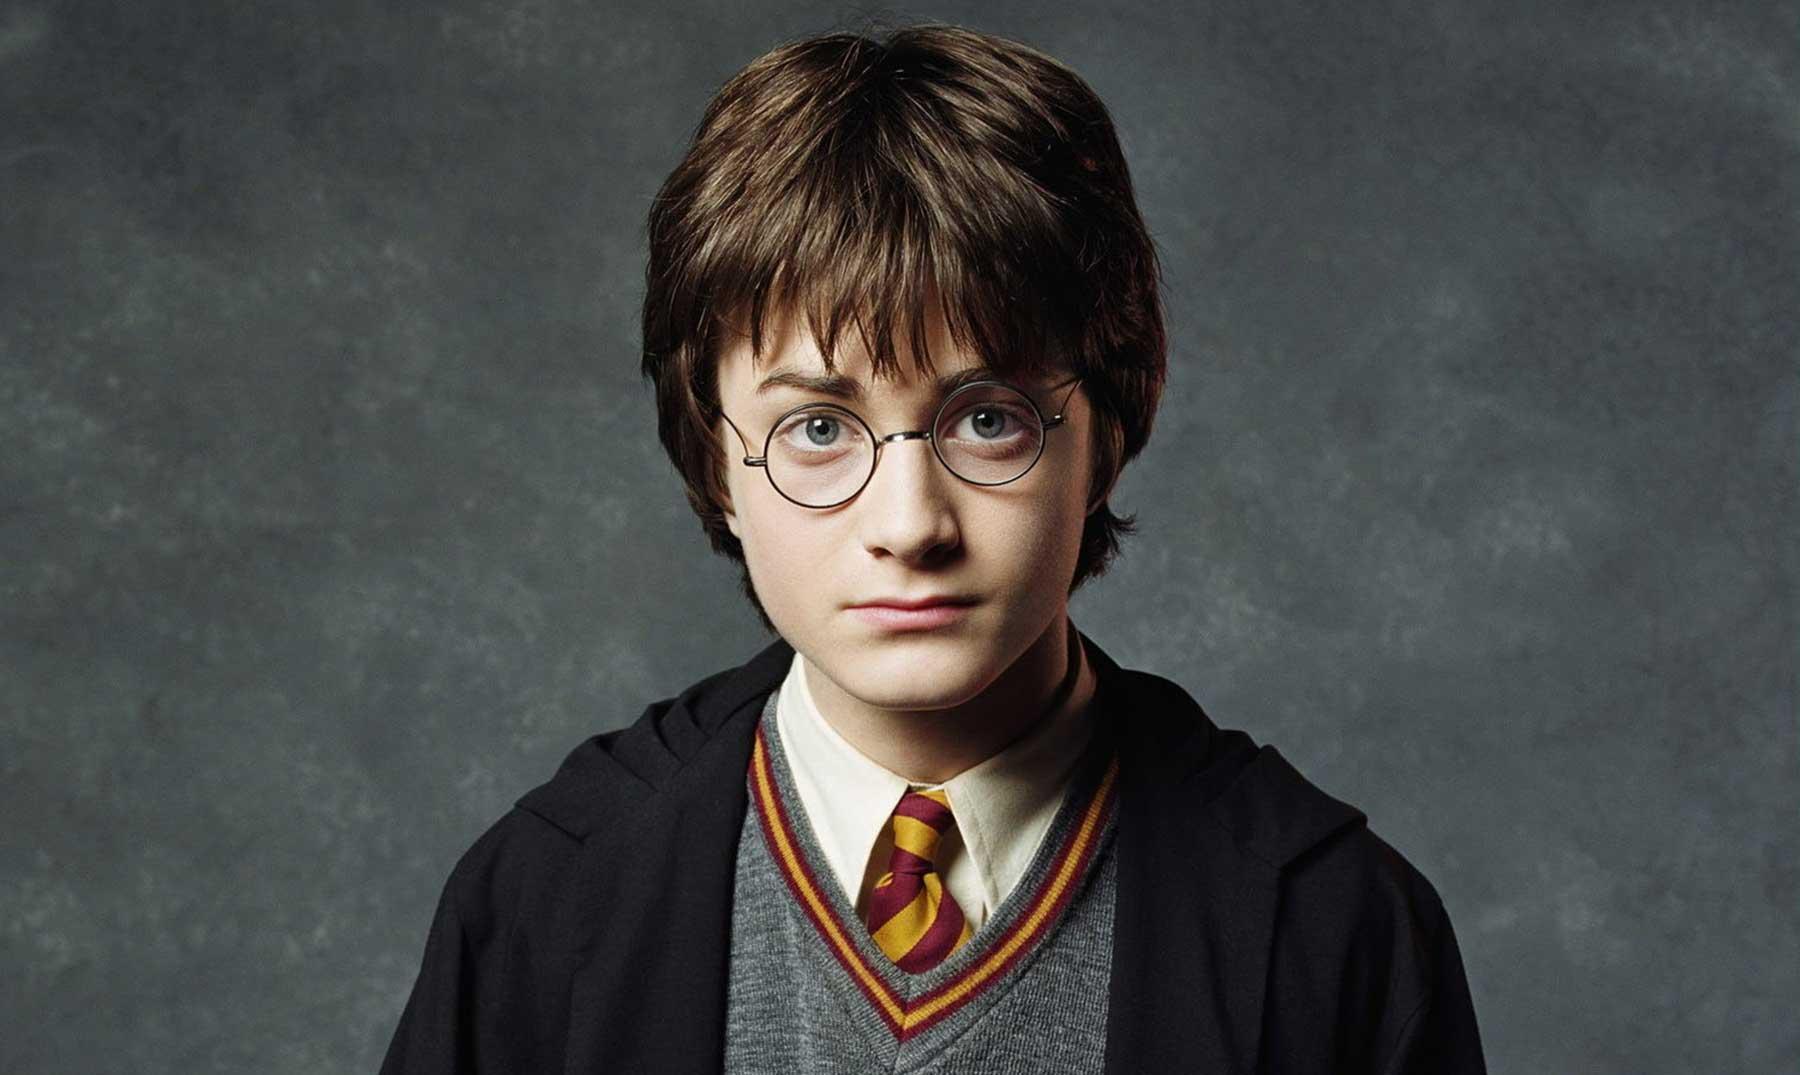 Frases de Harry Potter: Las mejores de la saga